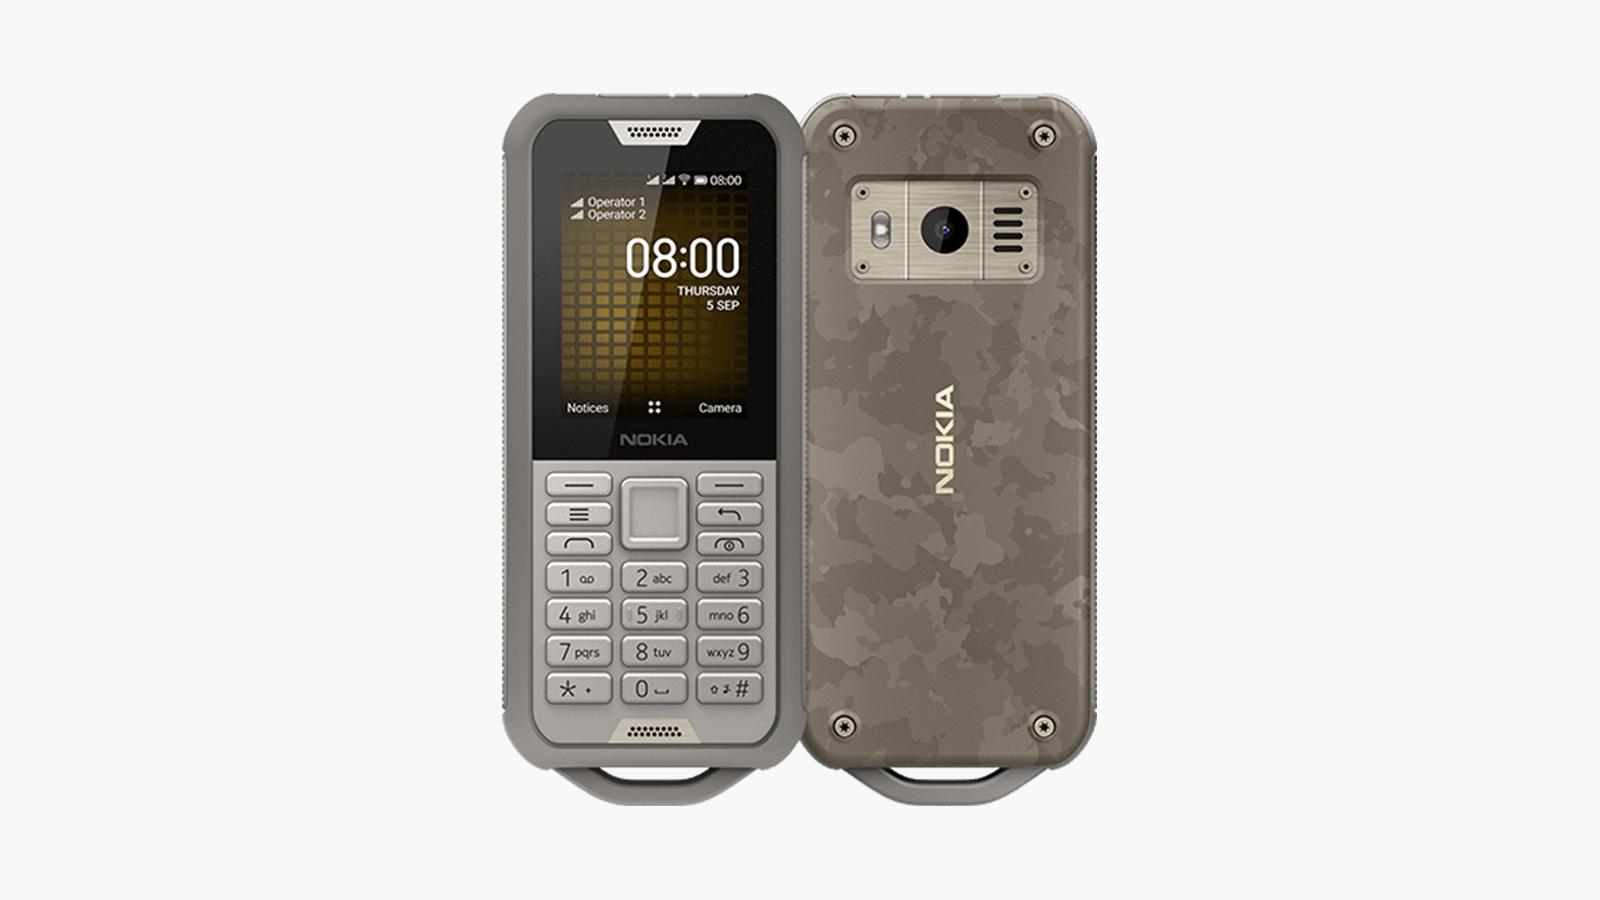 گوشی موبایل نوکیا مدل 800 Tough